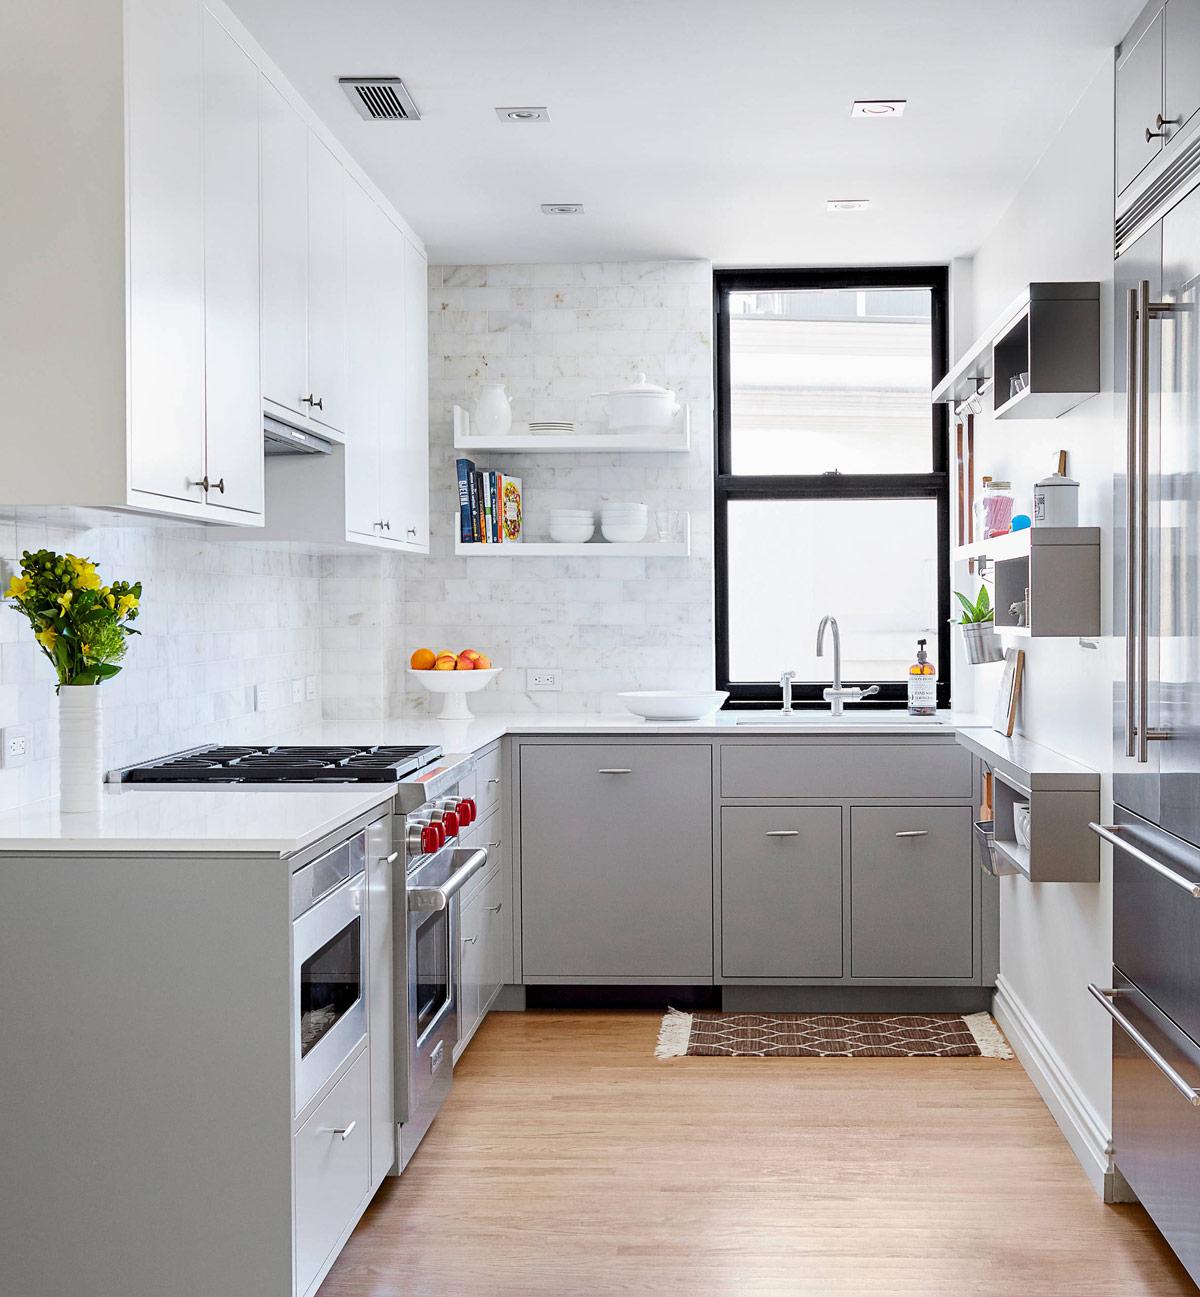 dekor dapur kreatif dengan kabinet berwarna putih abu-abu